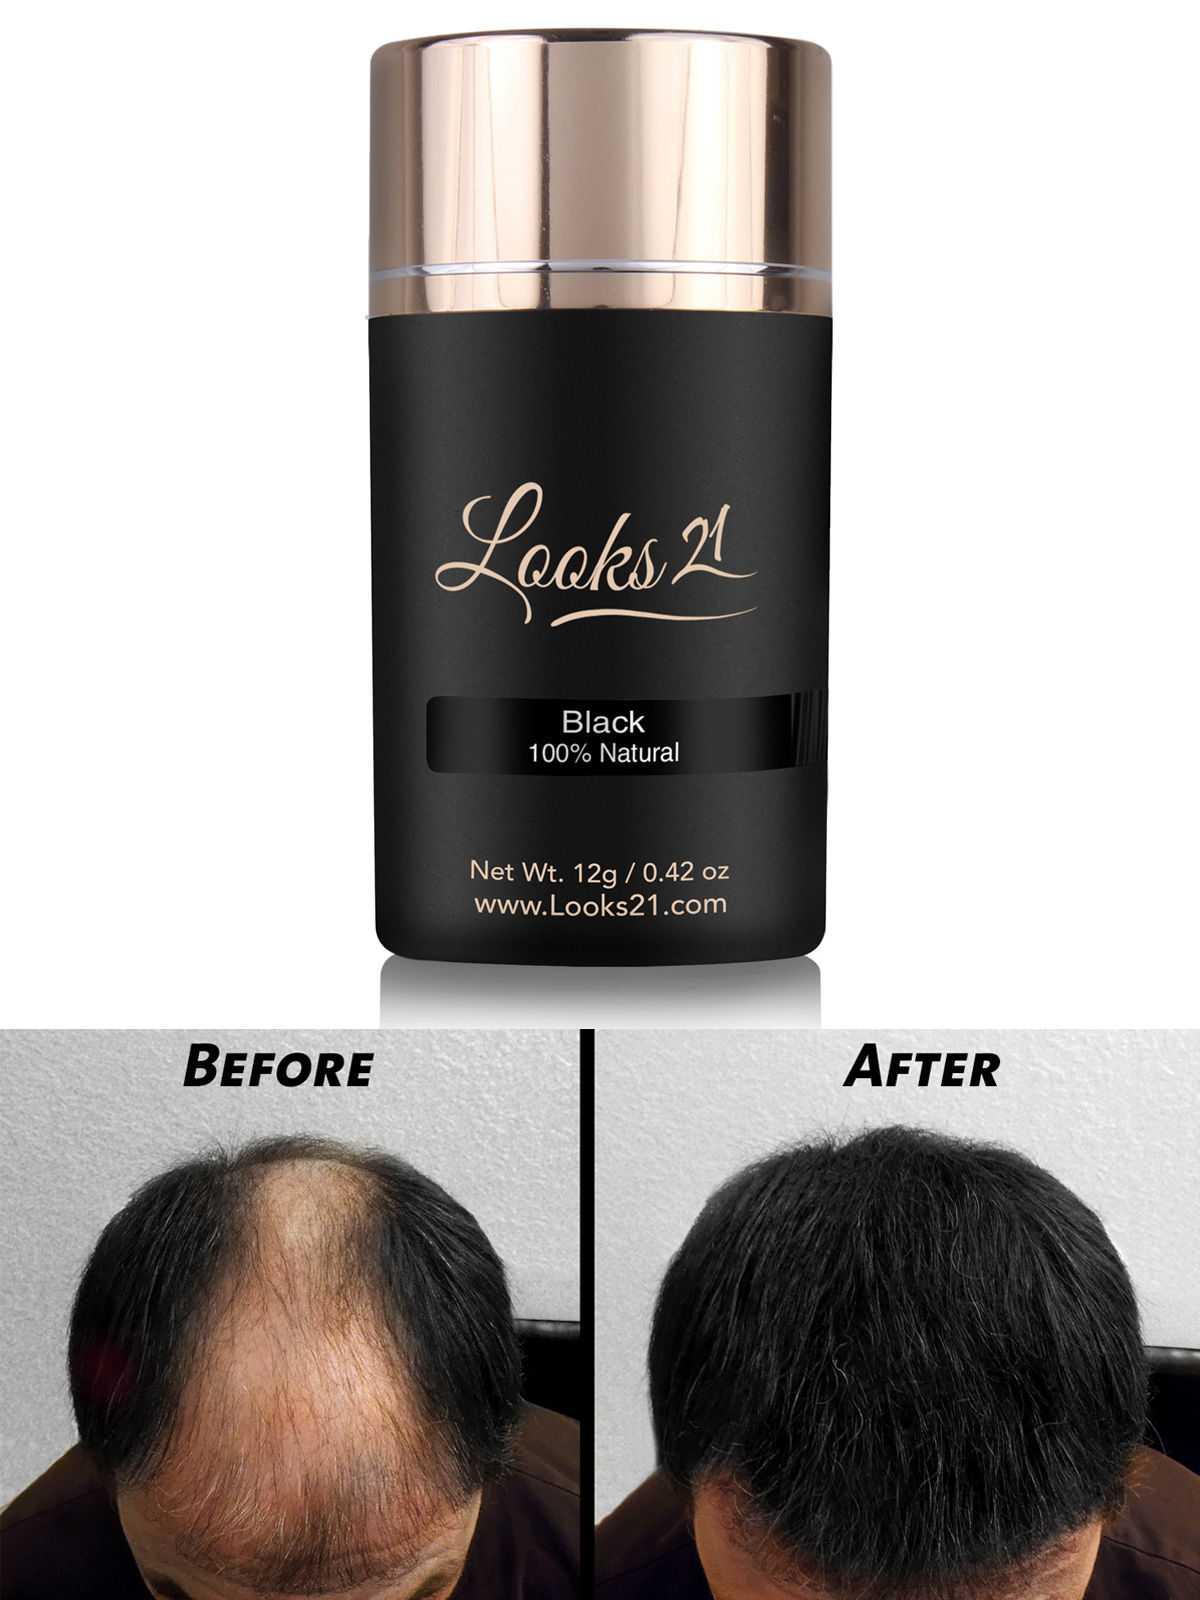 Looks 21 hair loss concealer